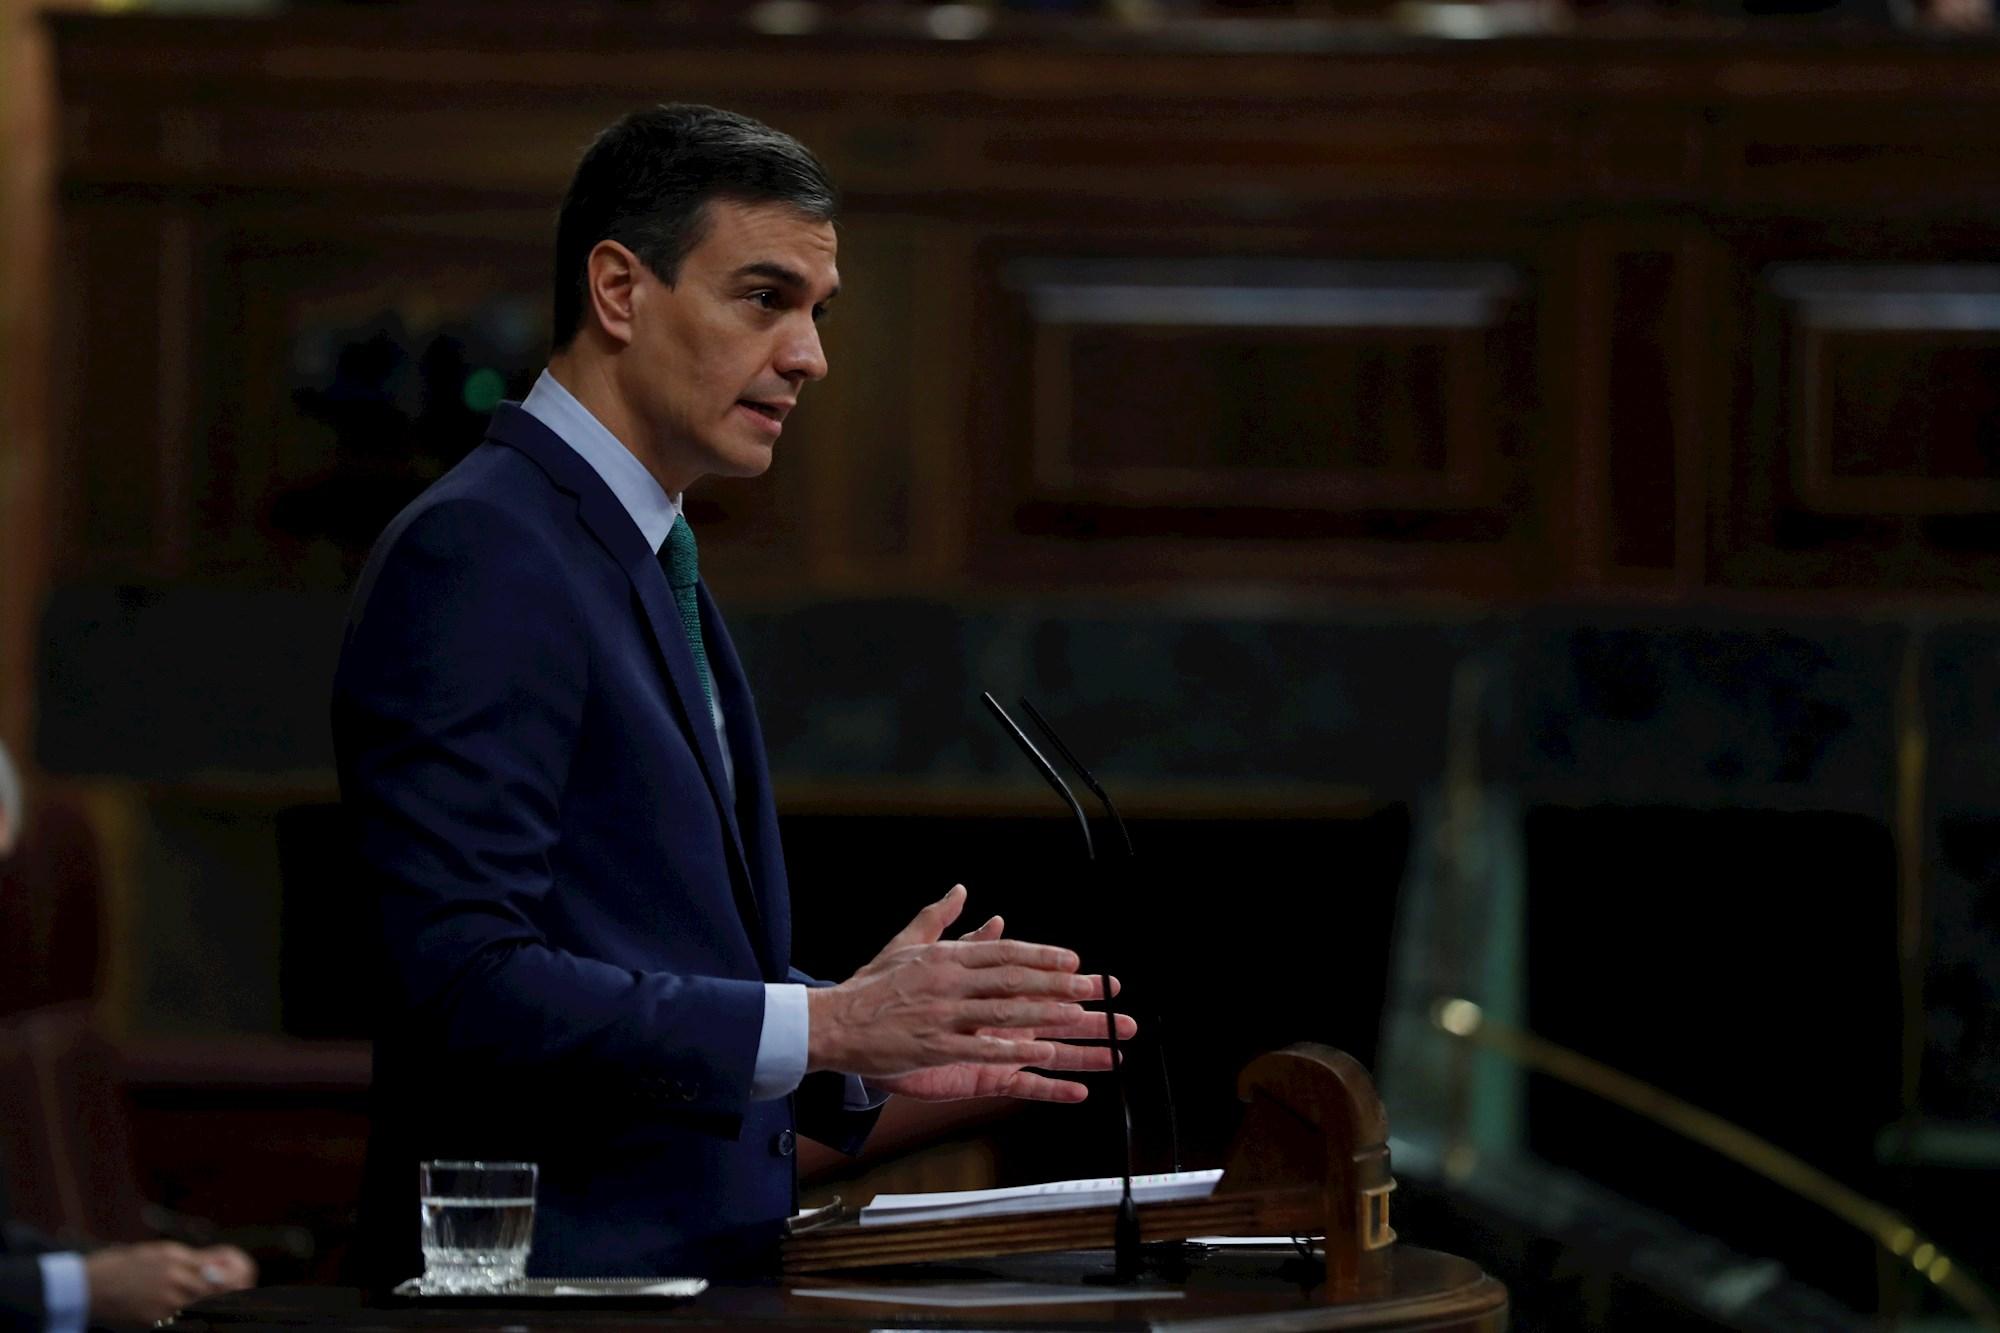 El presidente del Gobierno, Pedro Sánchez, interviene este miércoles durante la sesión de control en el Congreso de los Diputados. EFE/Emilio Naranjo